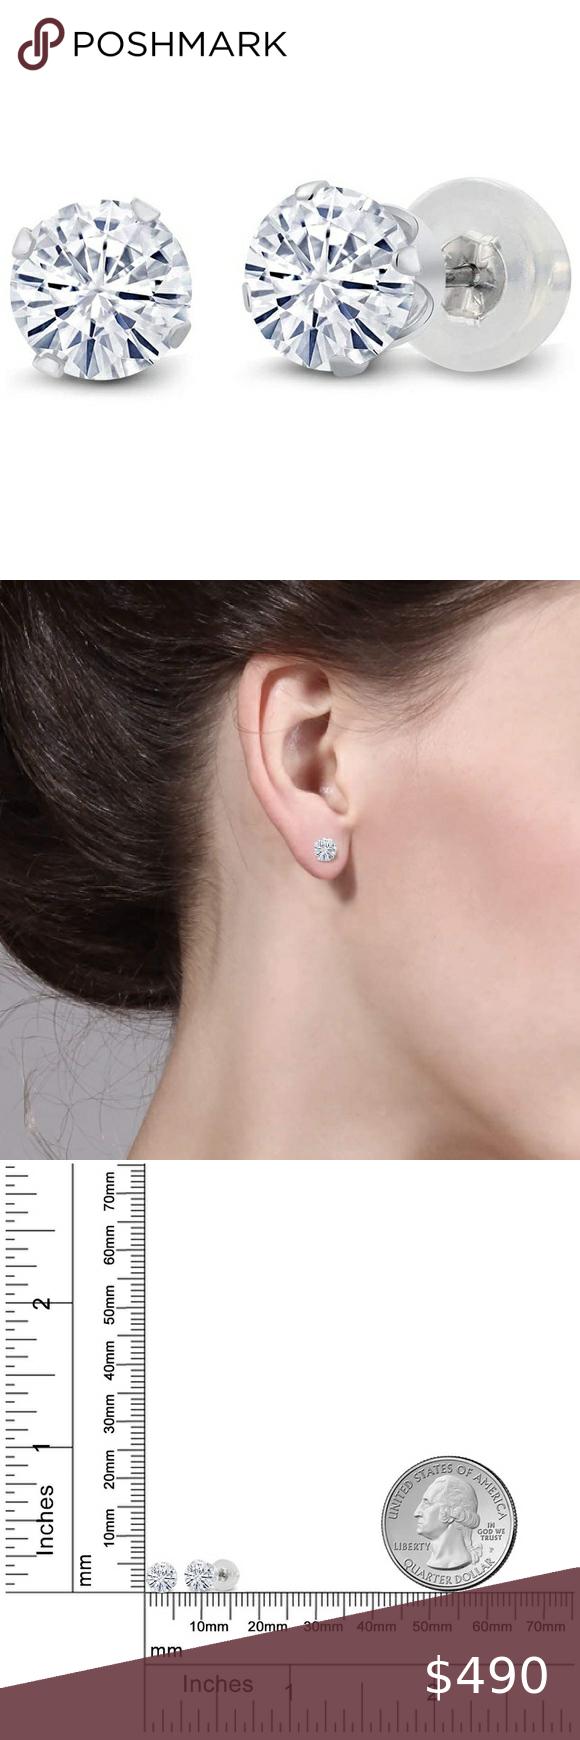 10k One Carat Diamond Earrings Fine Jewelry In 2020 Diamond Earrings One Carat Diamond 1 Carat Diamond Earrings